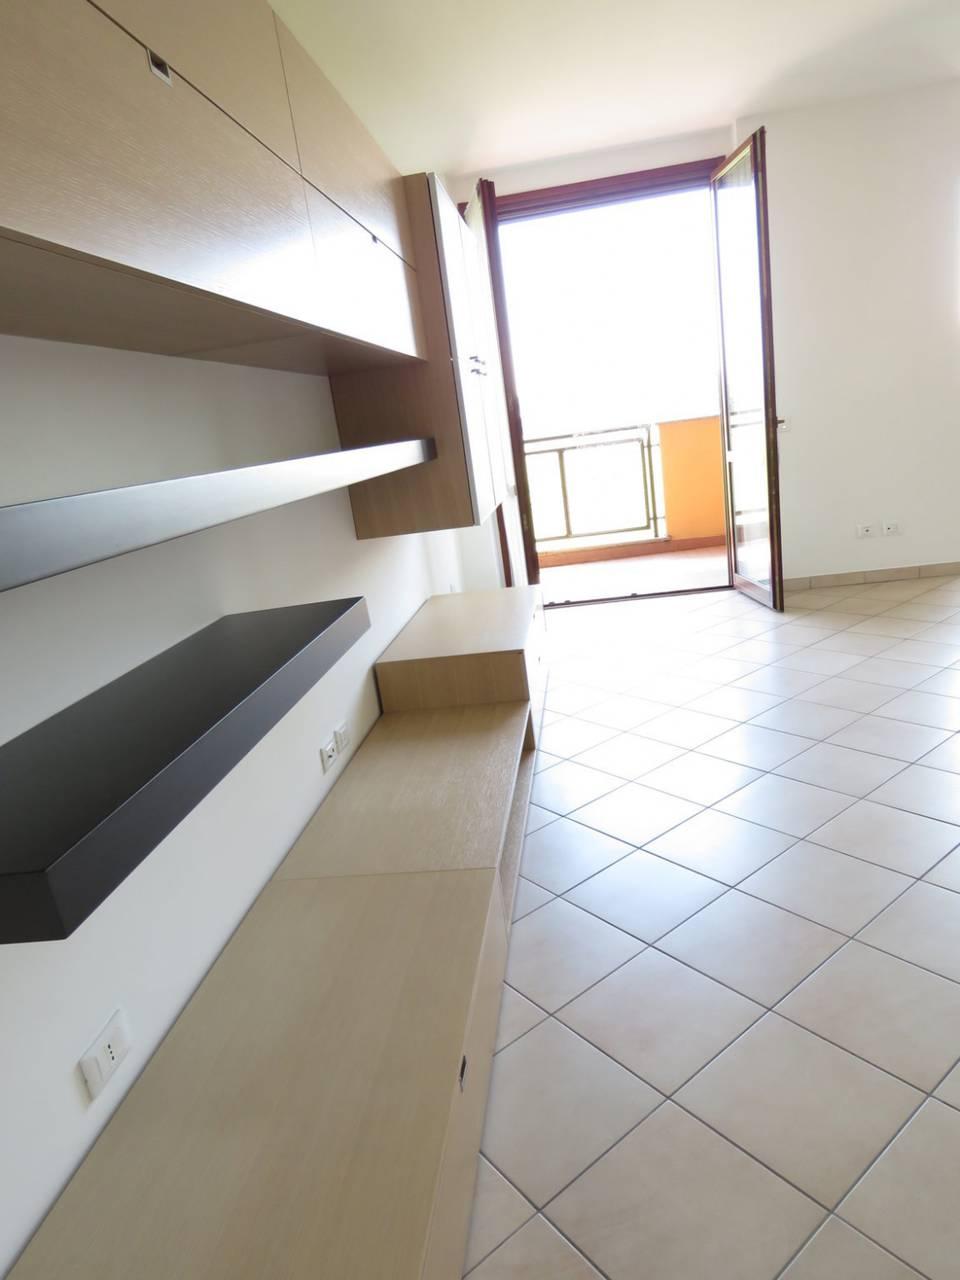 Vendita-Trilocale-via-Luciano-Manara-41-San-Giuliano-Milanese-15